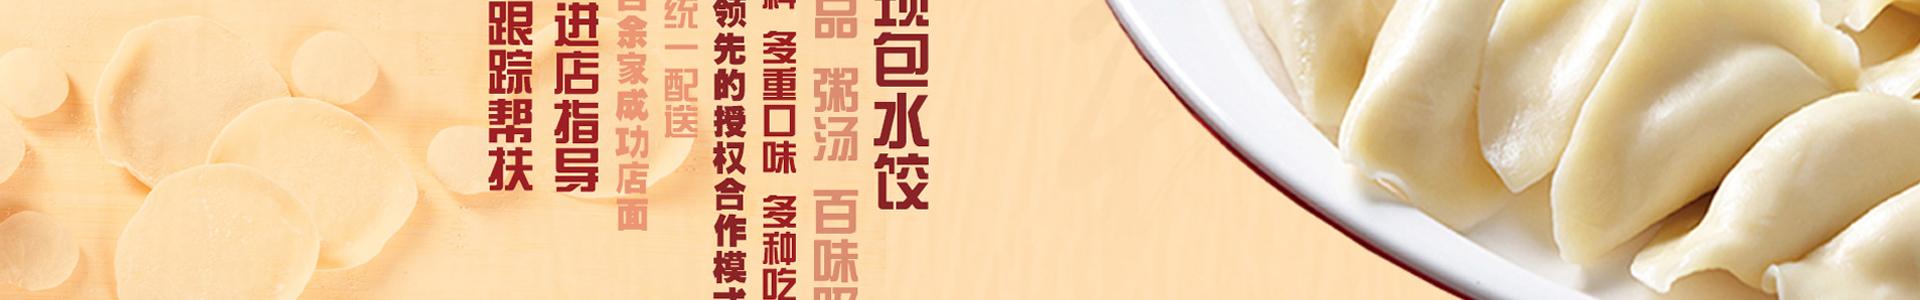 喜妙福水餃xmf_06